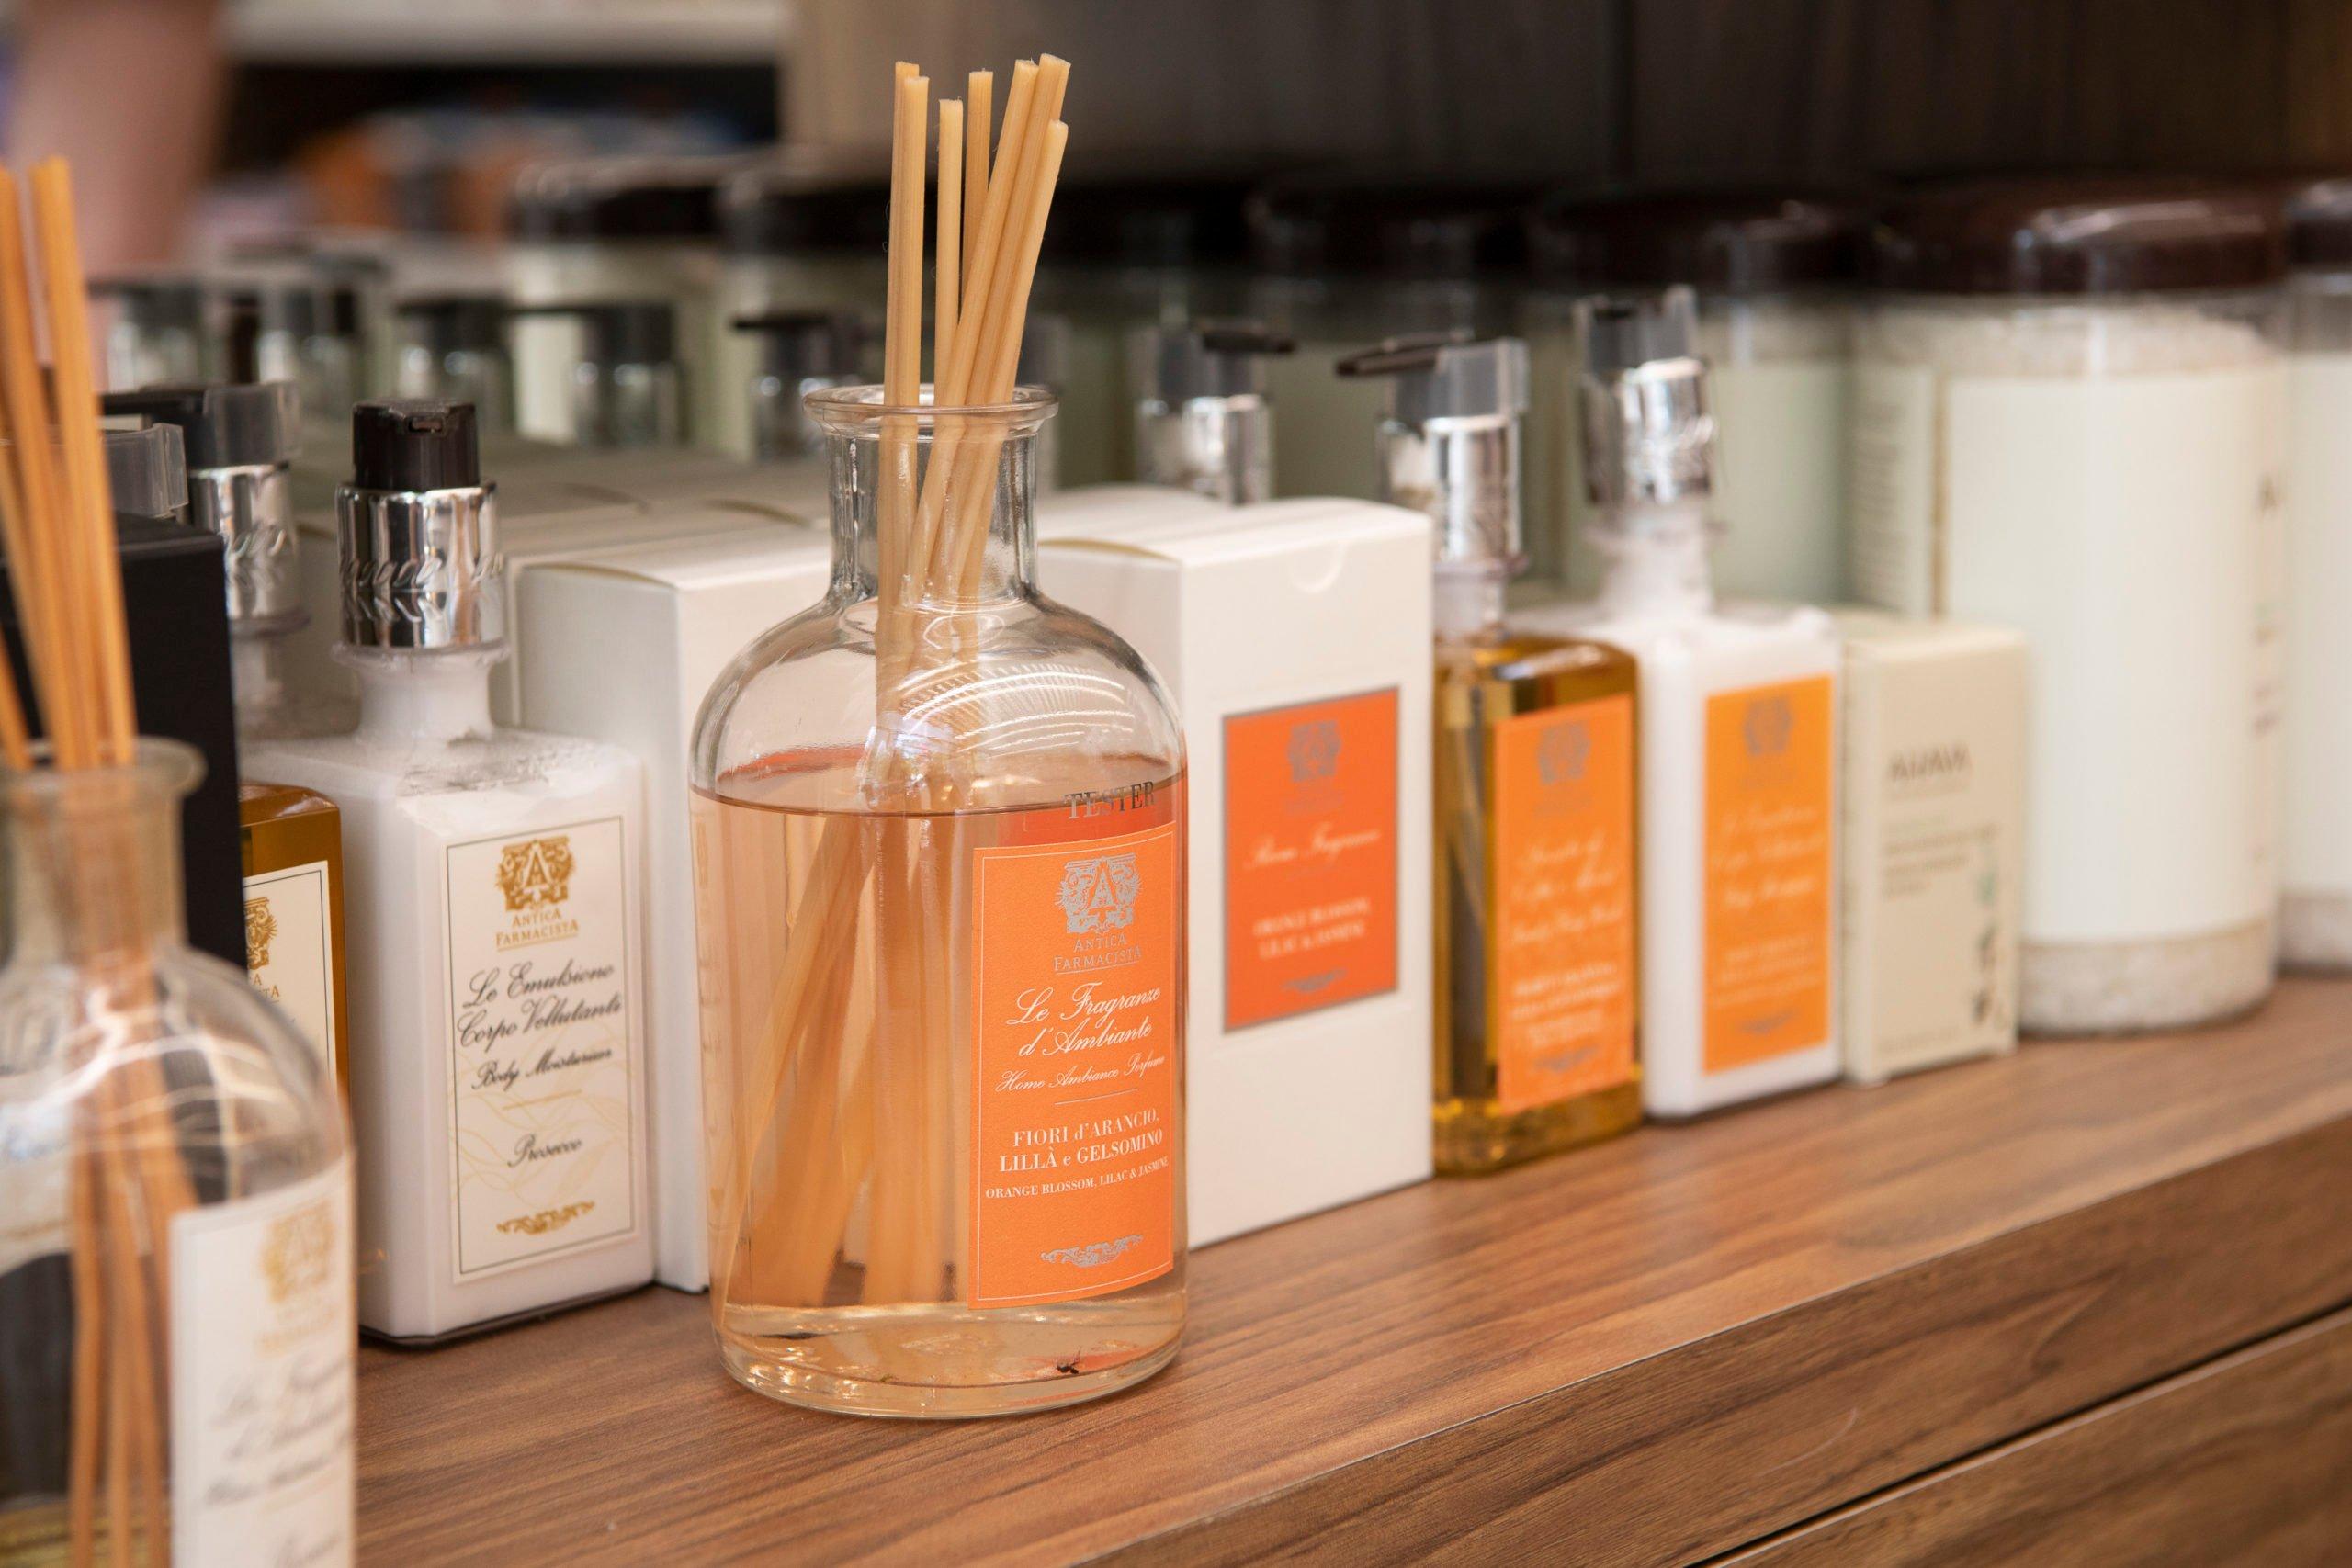 Apthorp-Pharmacy home fragrance